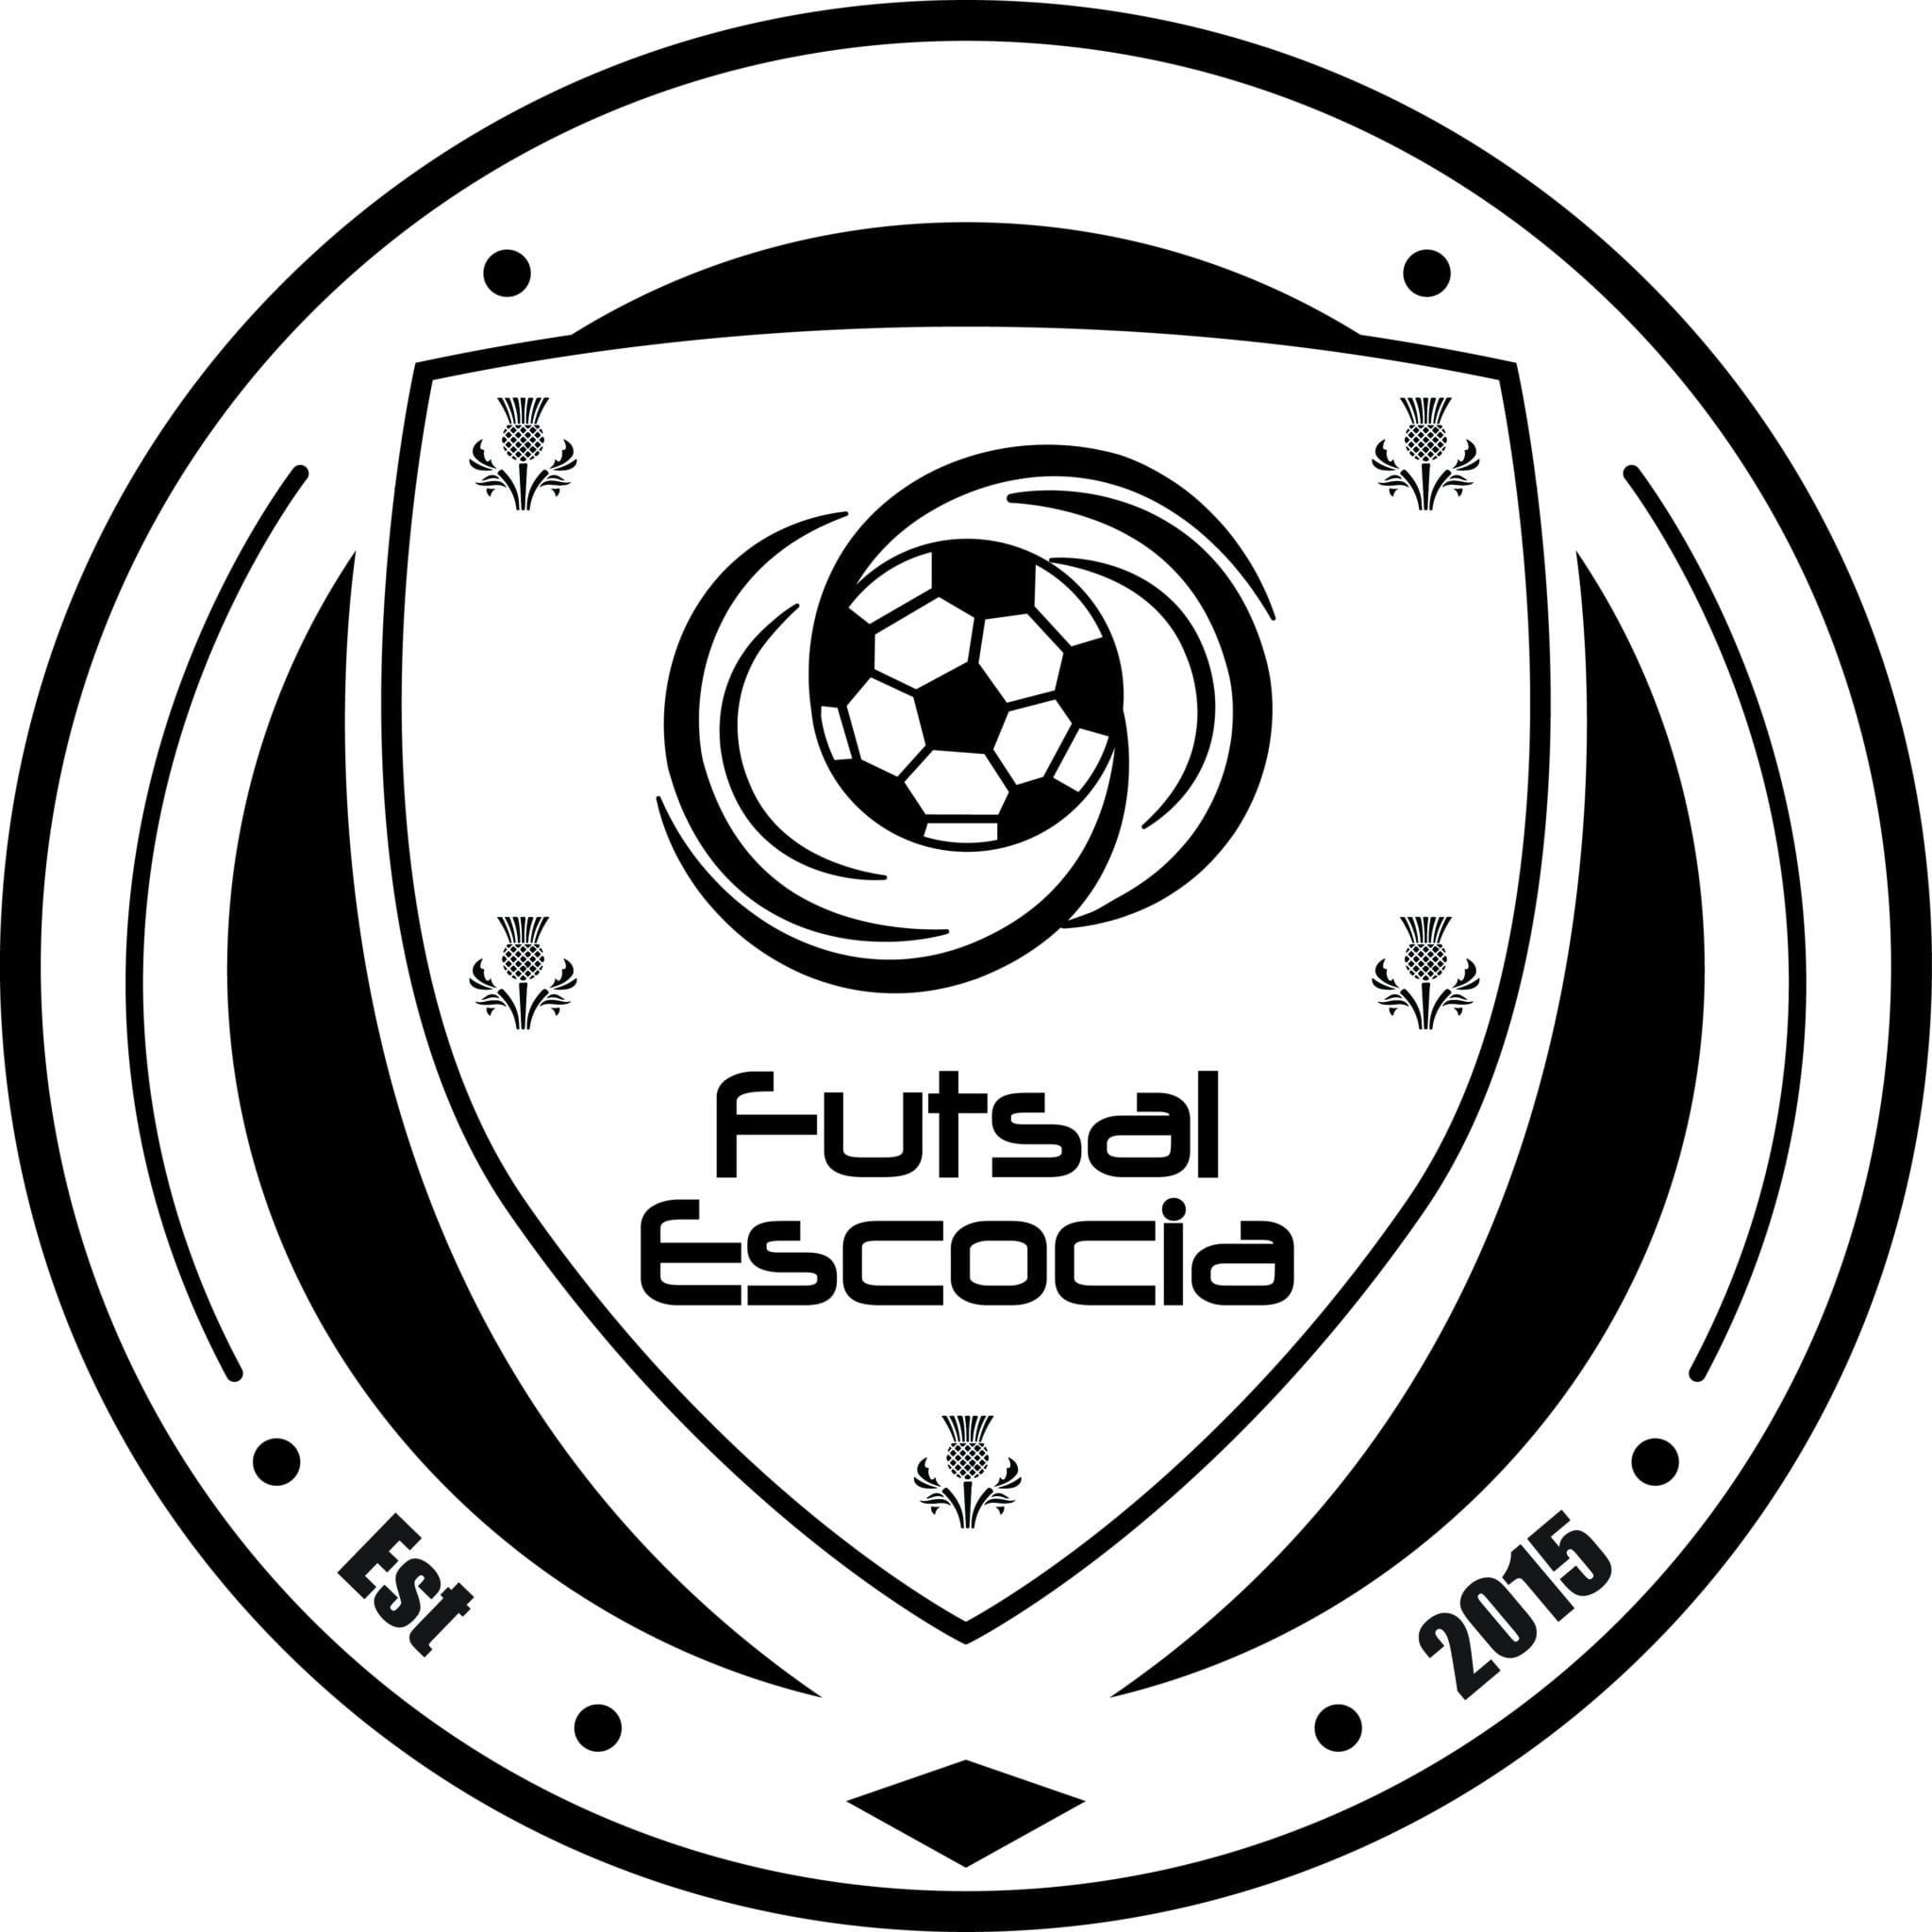 Futsal Escocia Black 07/08